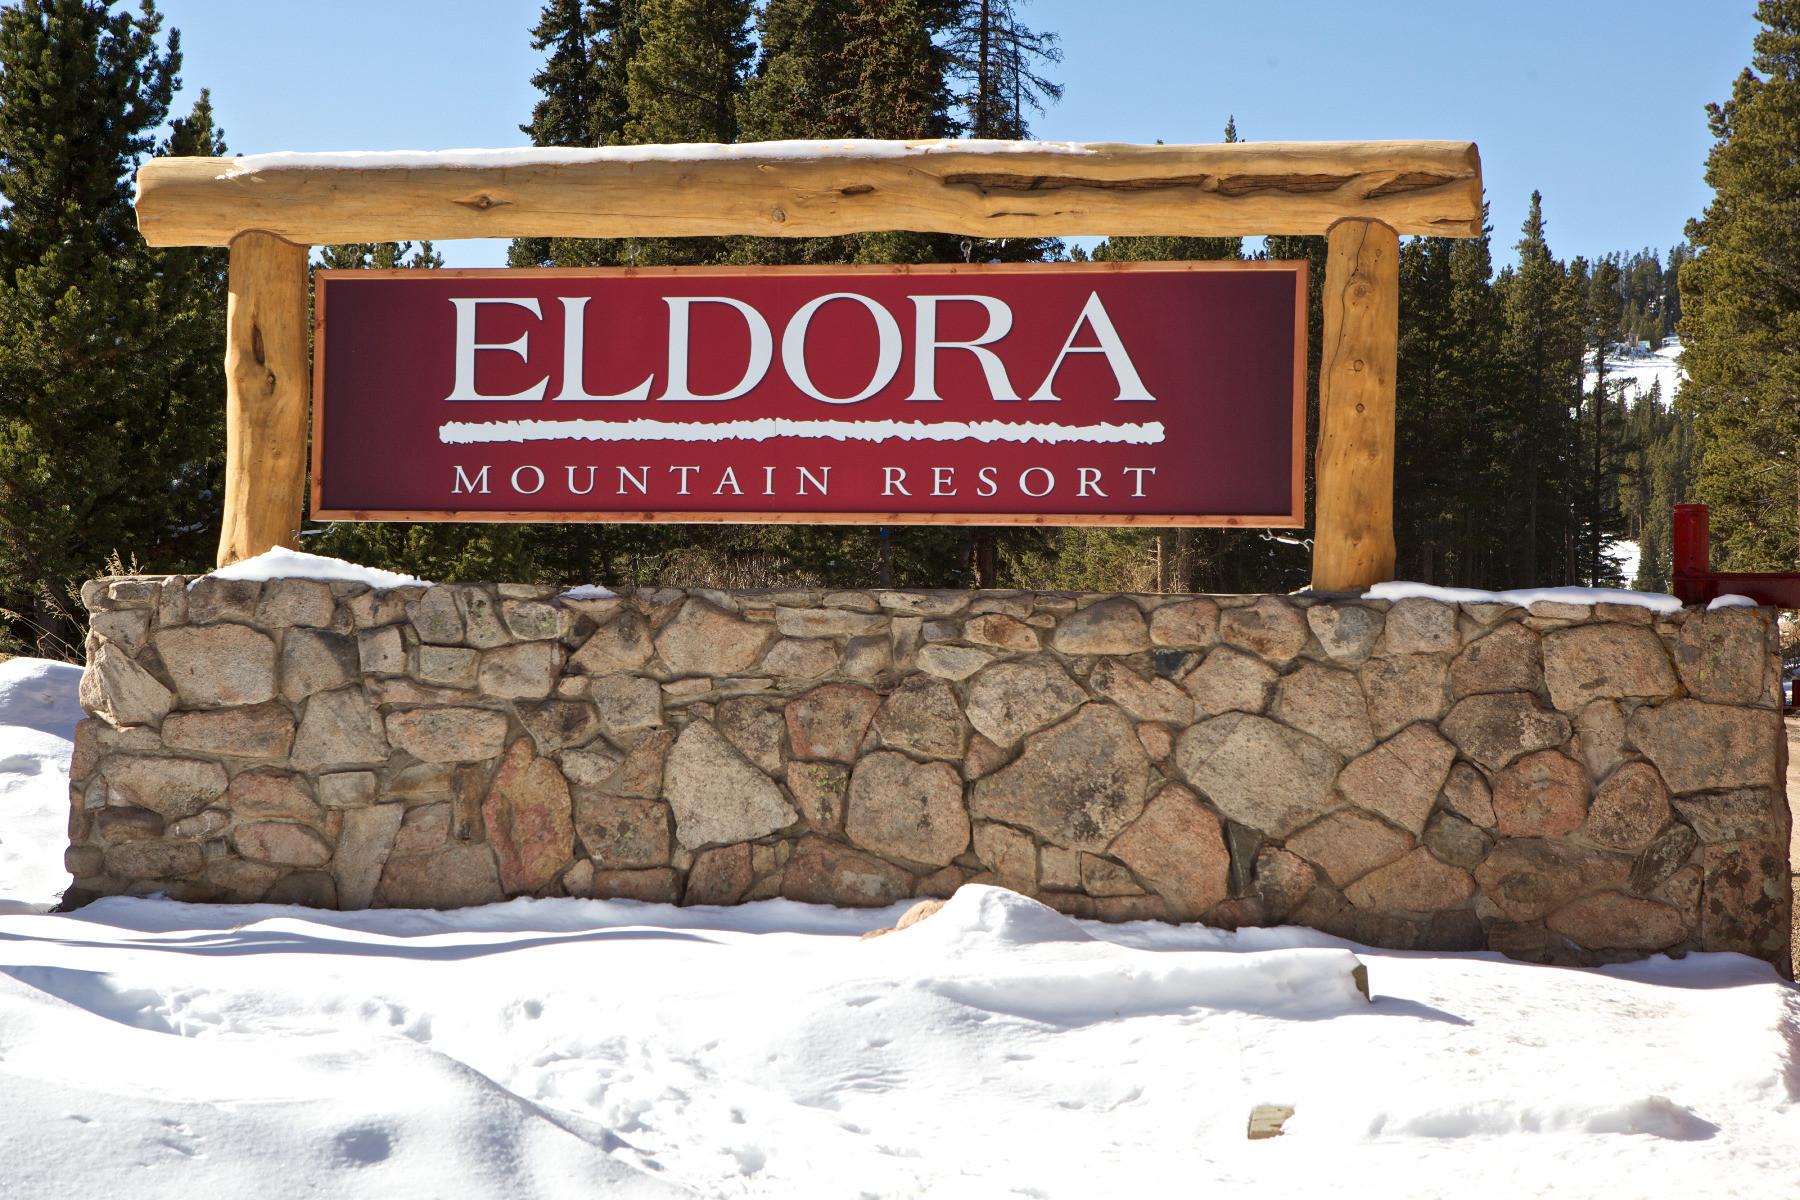 eldora mountain resort hotels | lodging | onthesnow